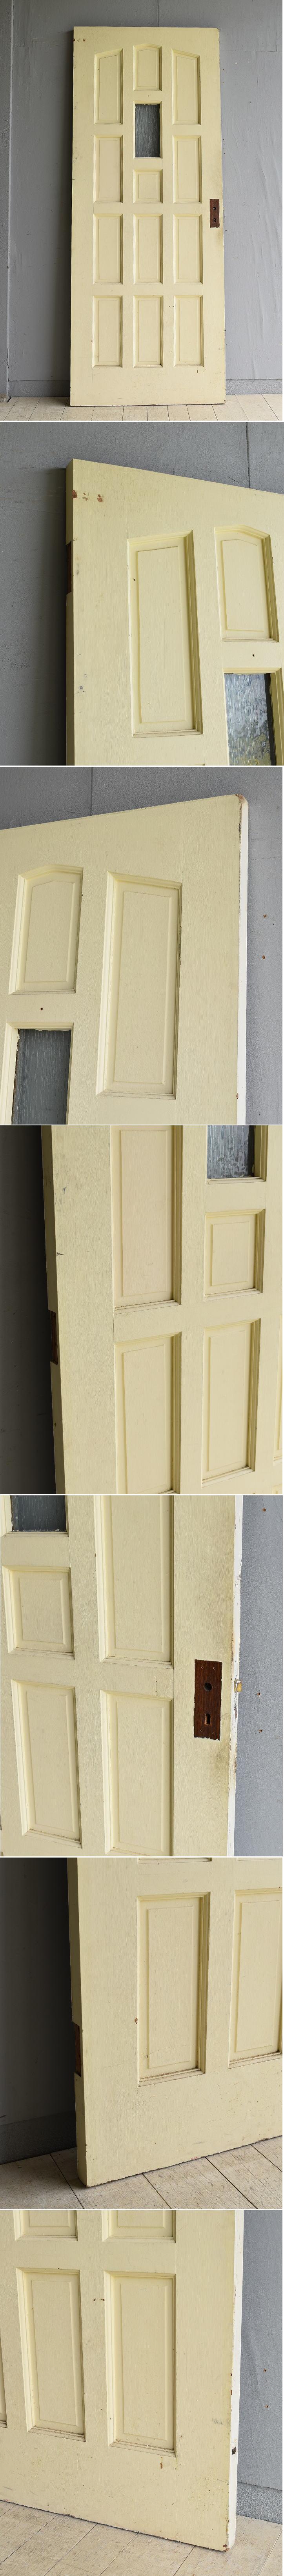 イギリス アンティーク ガラス ドア 扉 ディスプレイ 建具 7968